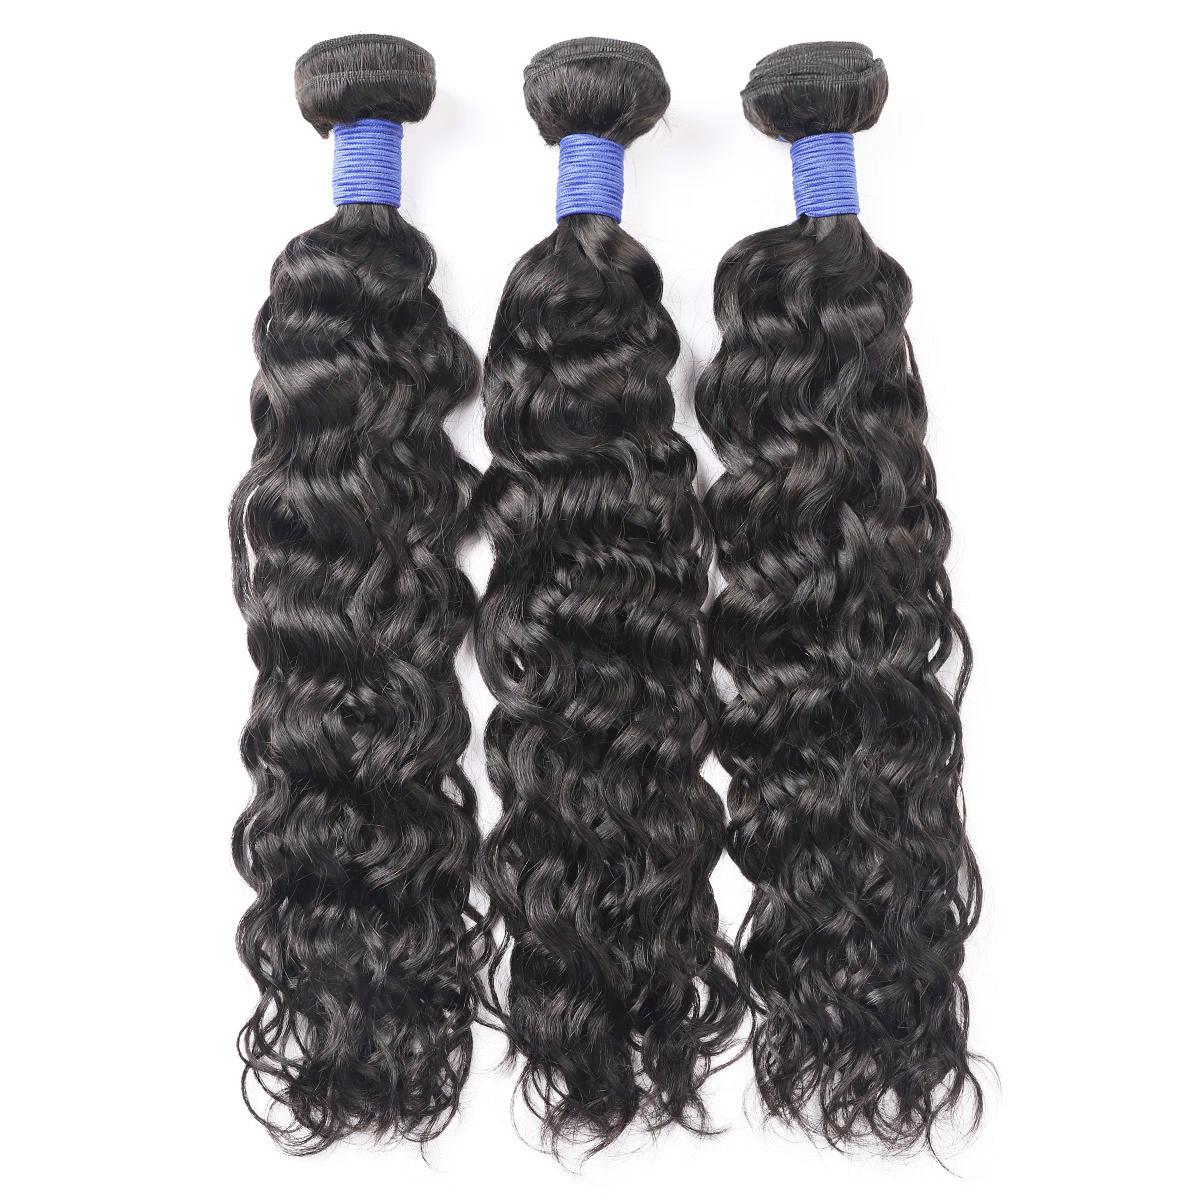 Parrucche brasiliane dei capelli onda di acqua reale dei capelli tesse trasformato teste e colori naturali dei capelli shunfa tesse presa di fabbrica